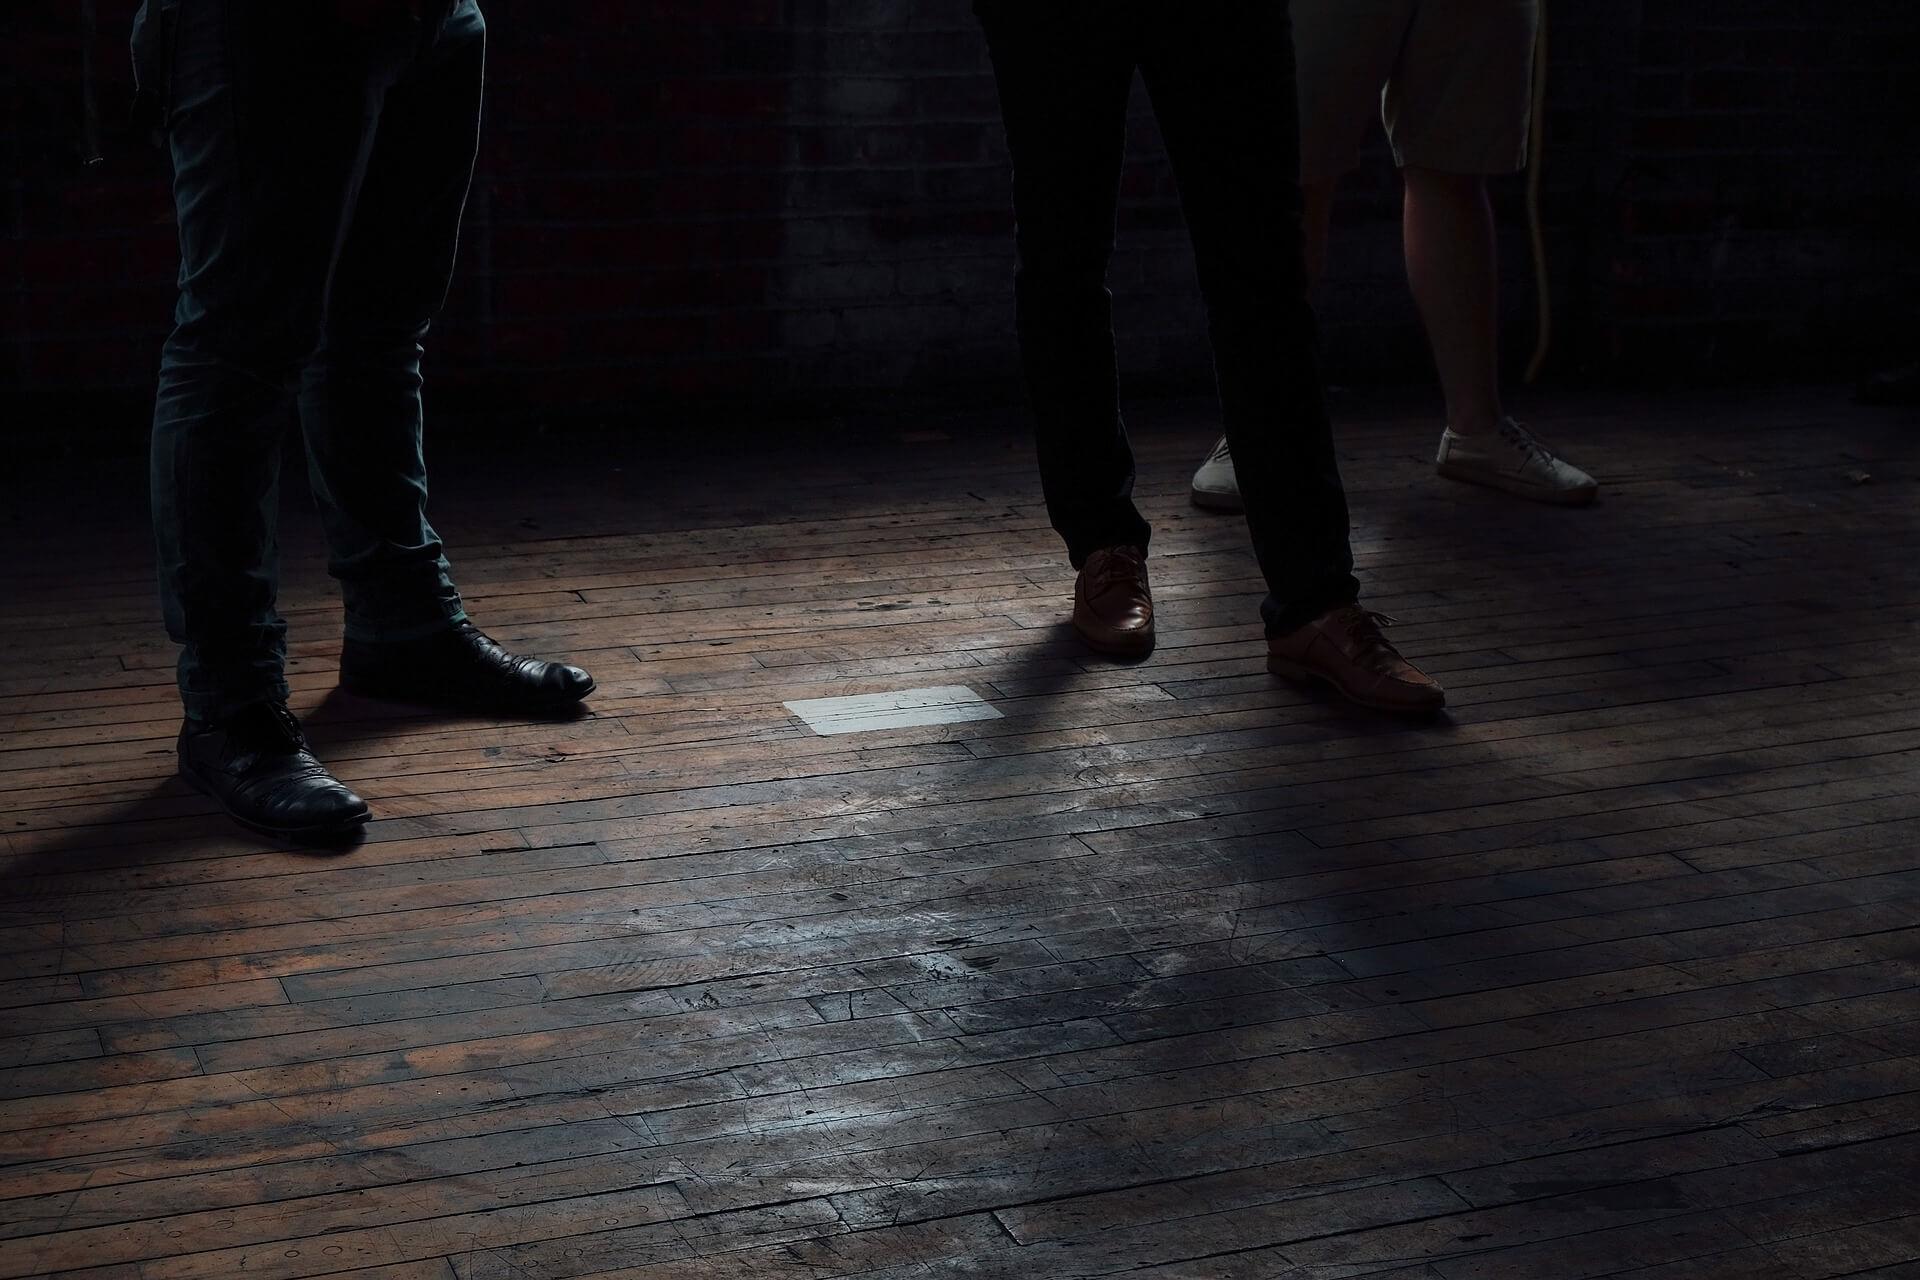 donkere vloer in kleine ruimte leggen